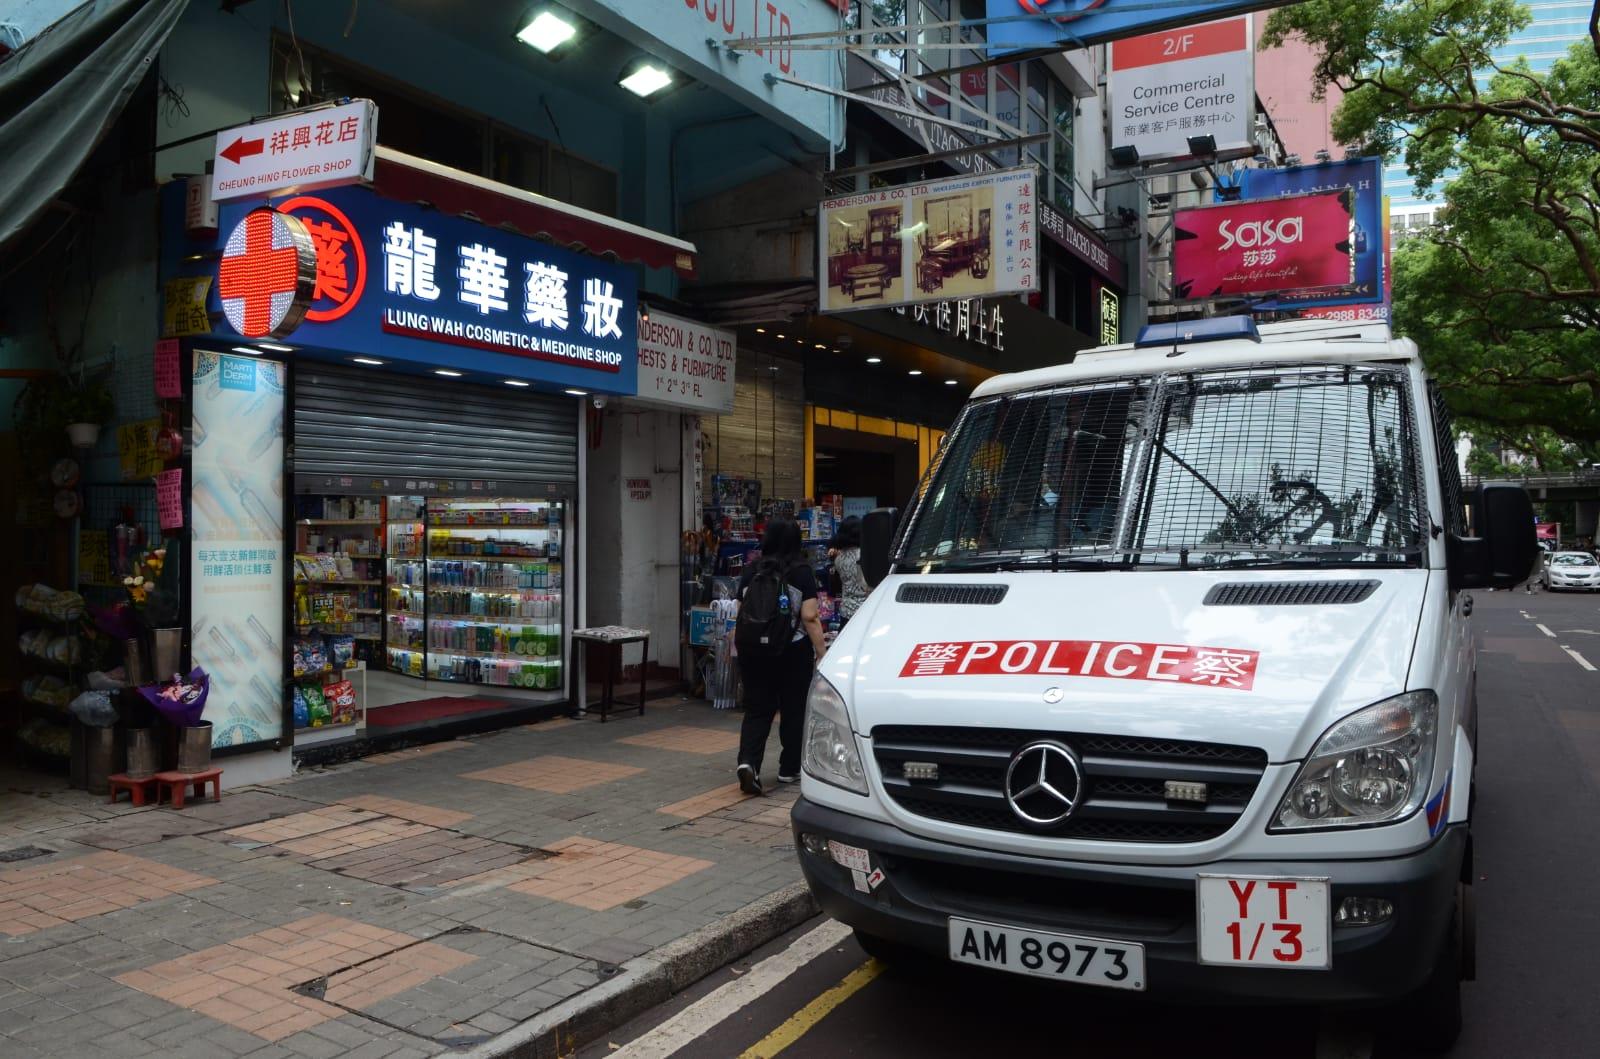 尖沙嘴藥房疑遭爆竊。